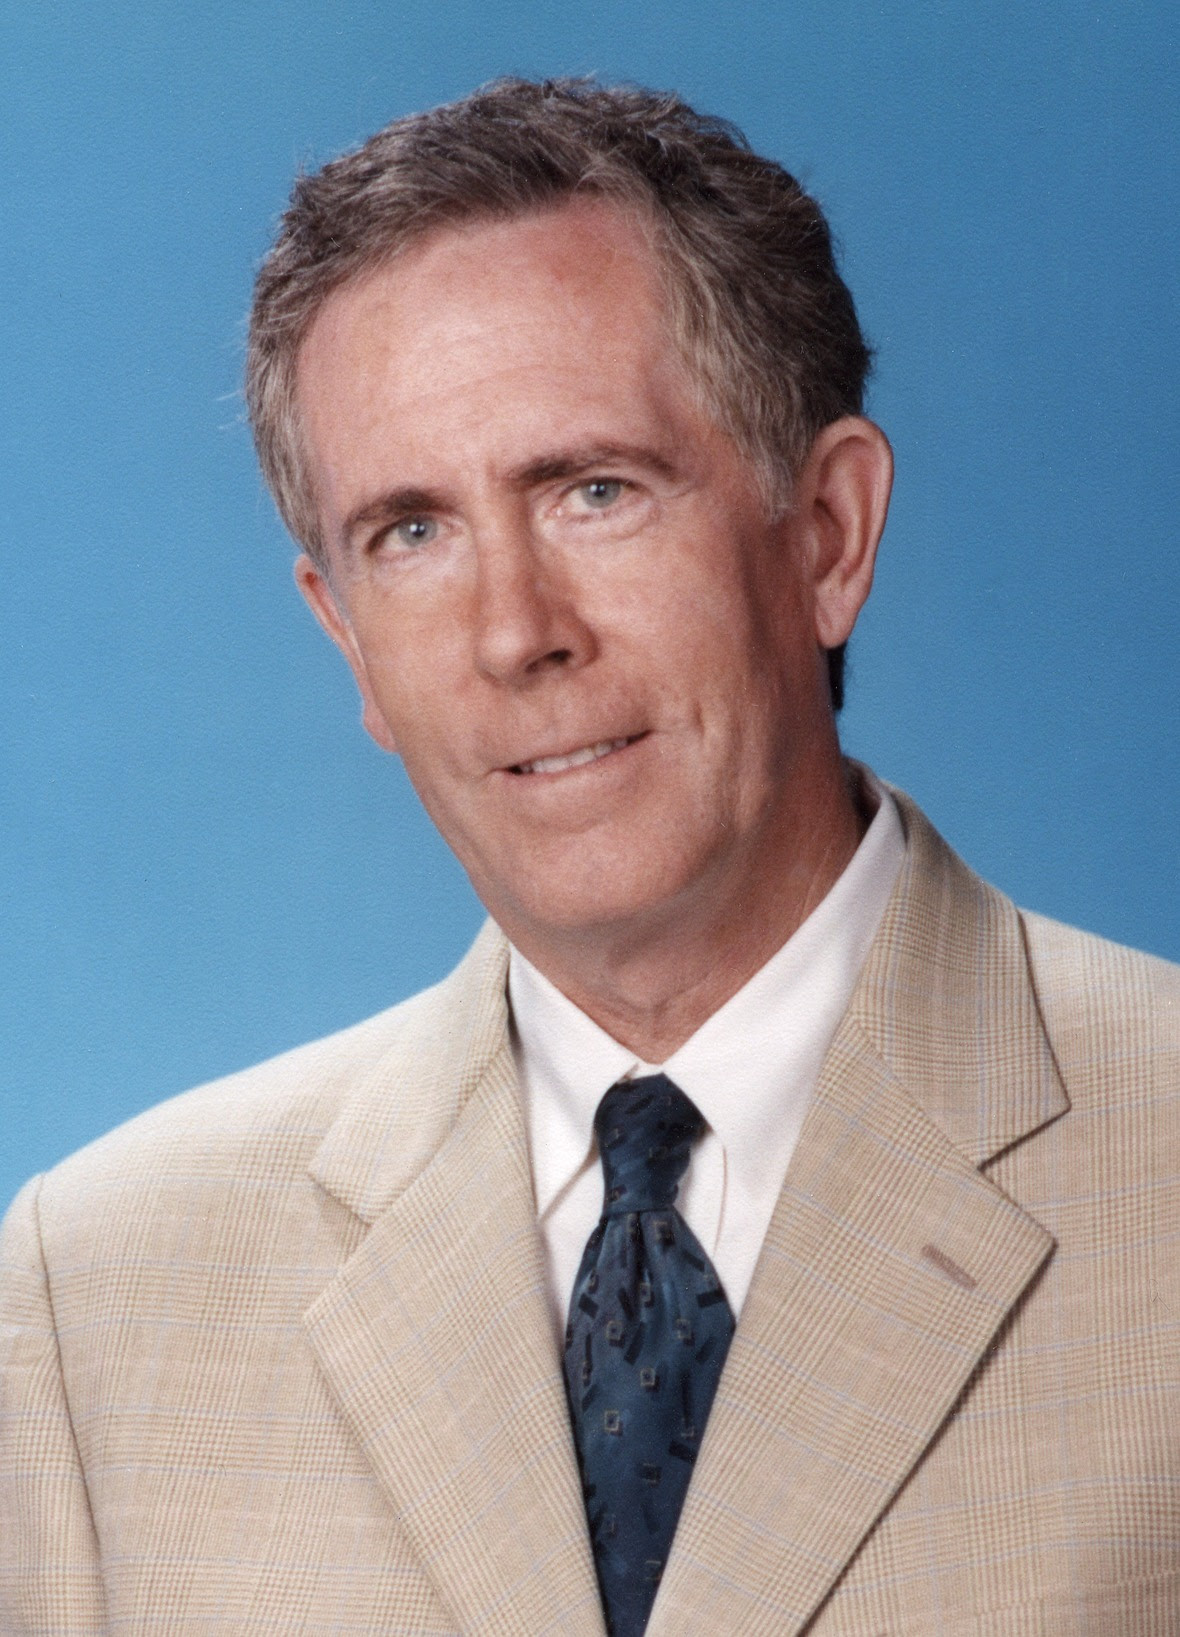 Dr. Tom Ferraro